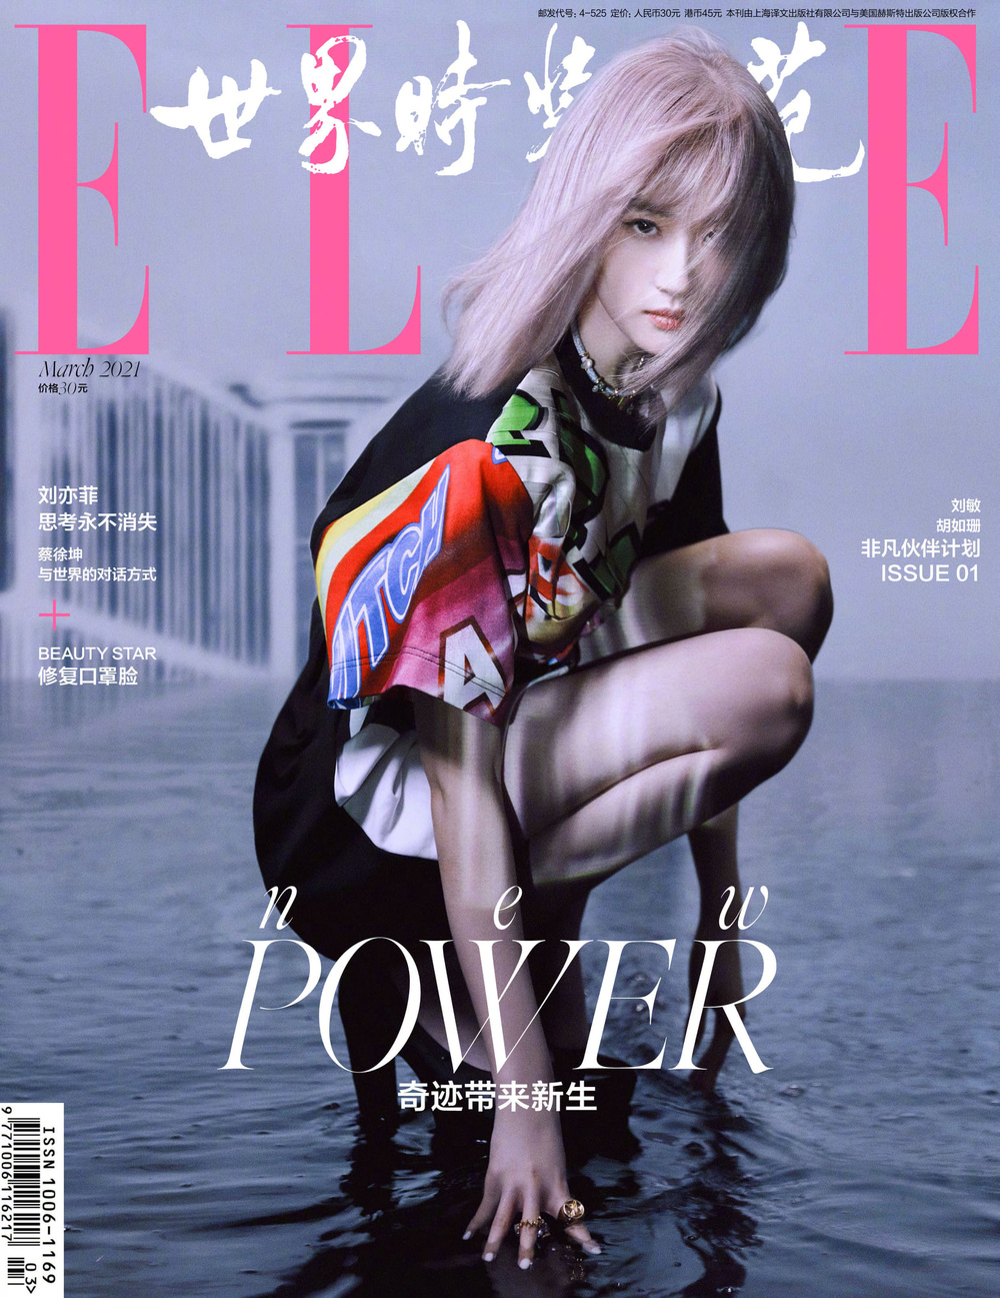 Lưu Diệc Phi lột xác hoàn toàn với visual như nữ idol Kpop trên bìa tạp chí Ảnh 1